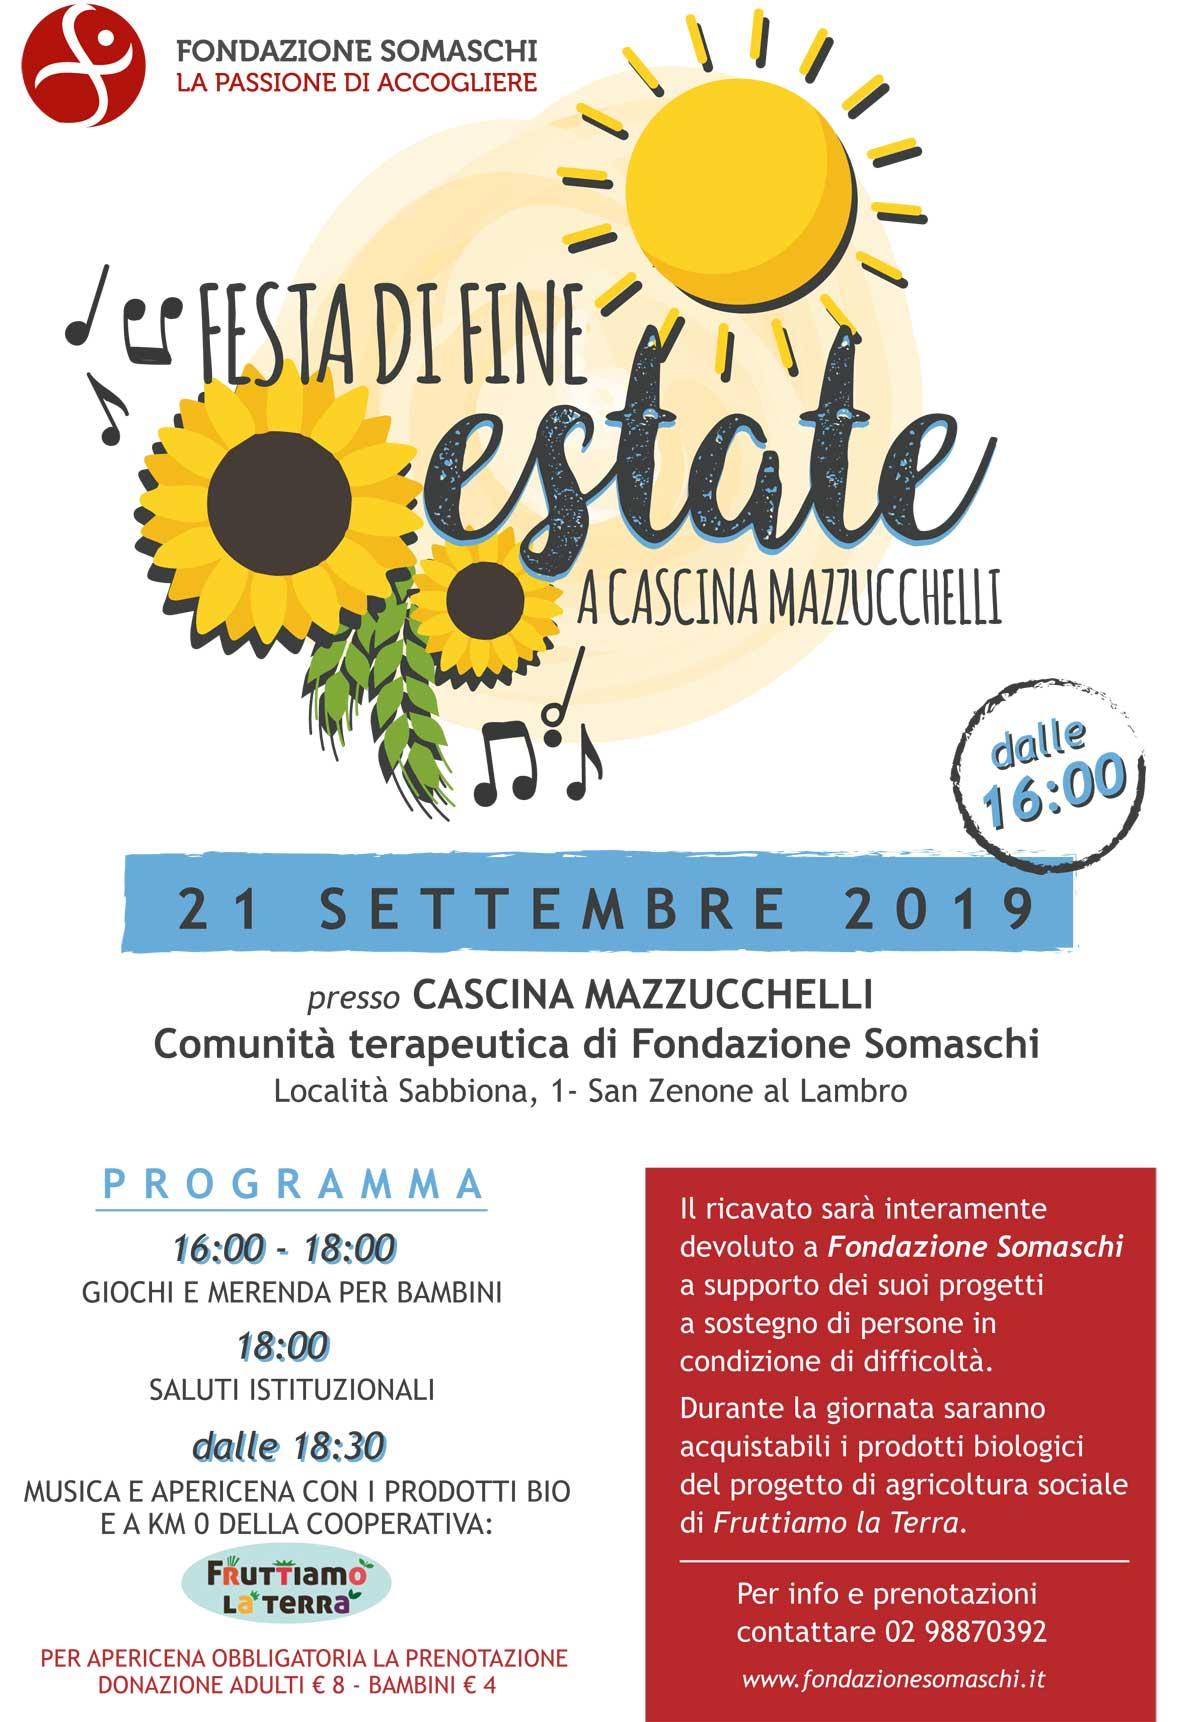 festa di fine Estate San Zenone